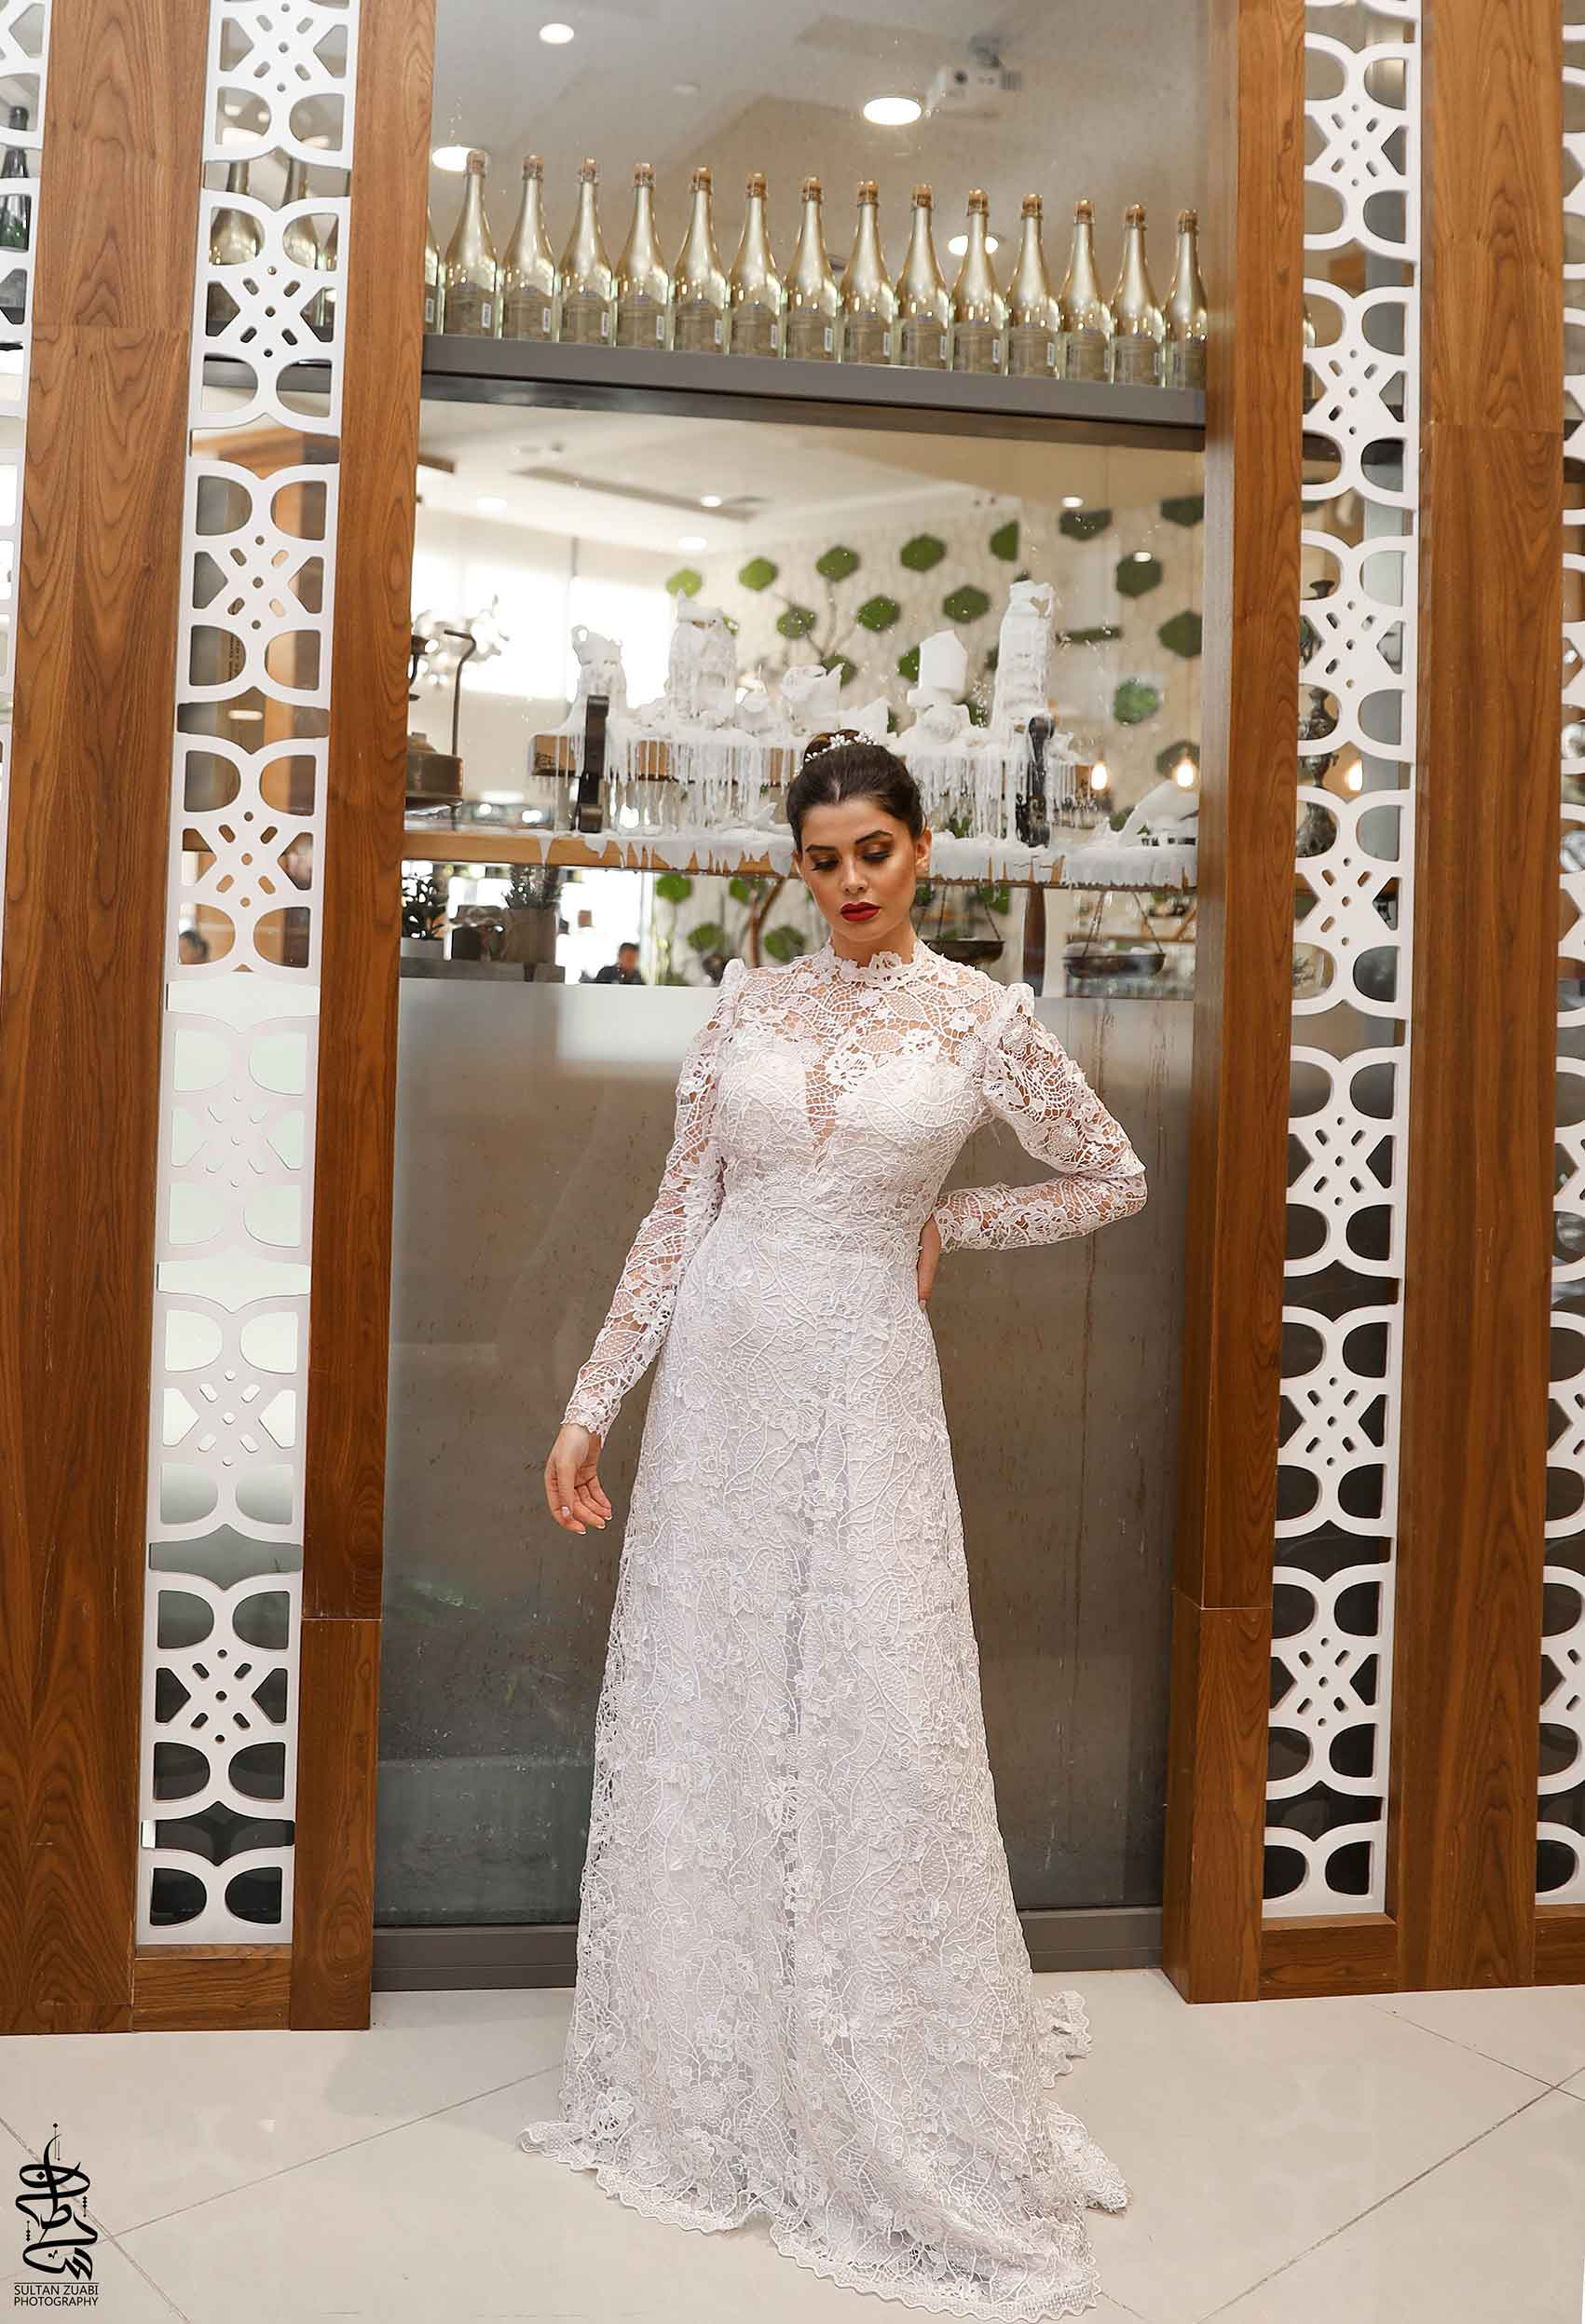 חנאן-אחמד-קולקציית-שמלות-כלה-קיץ-2020-מגזין-אופנה-1611